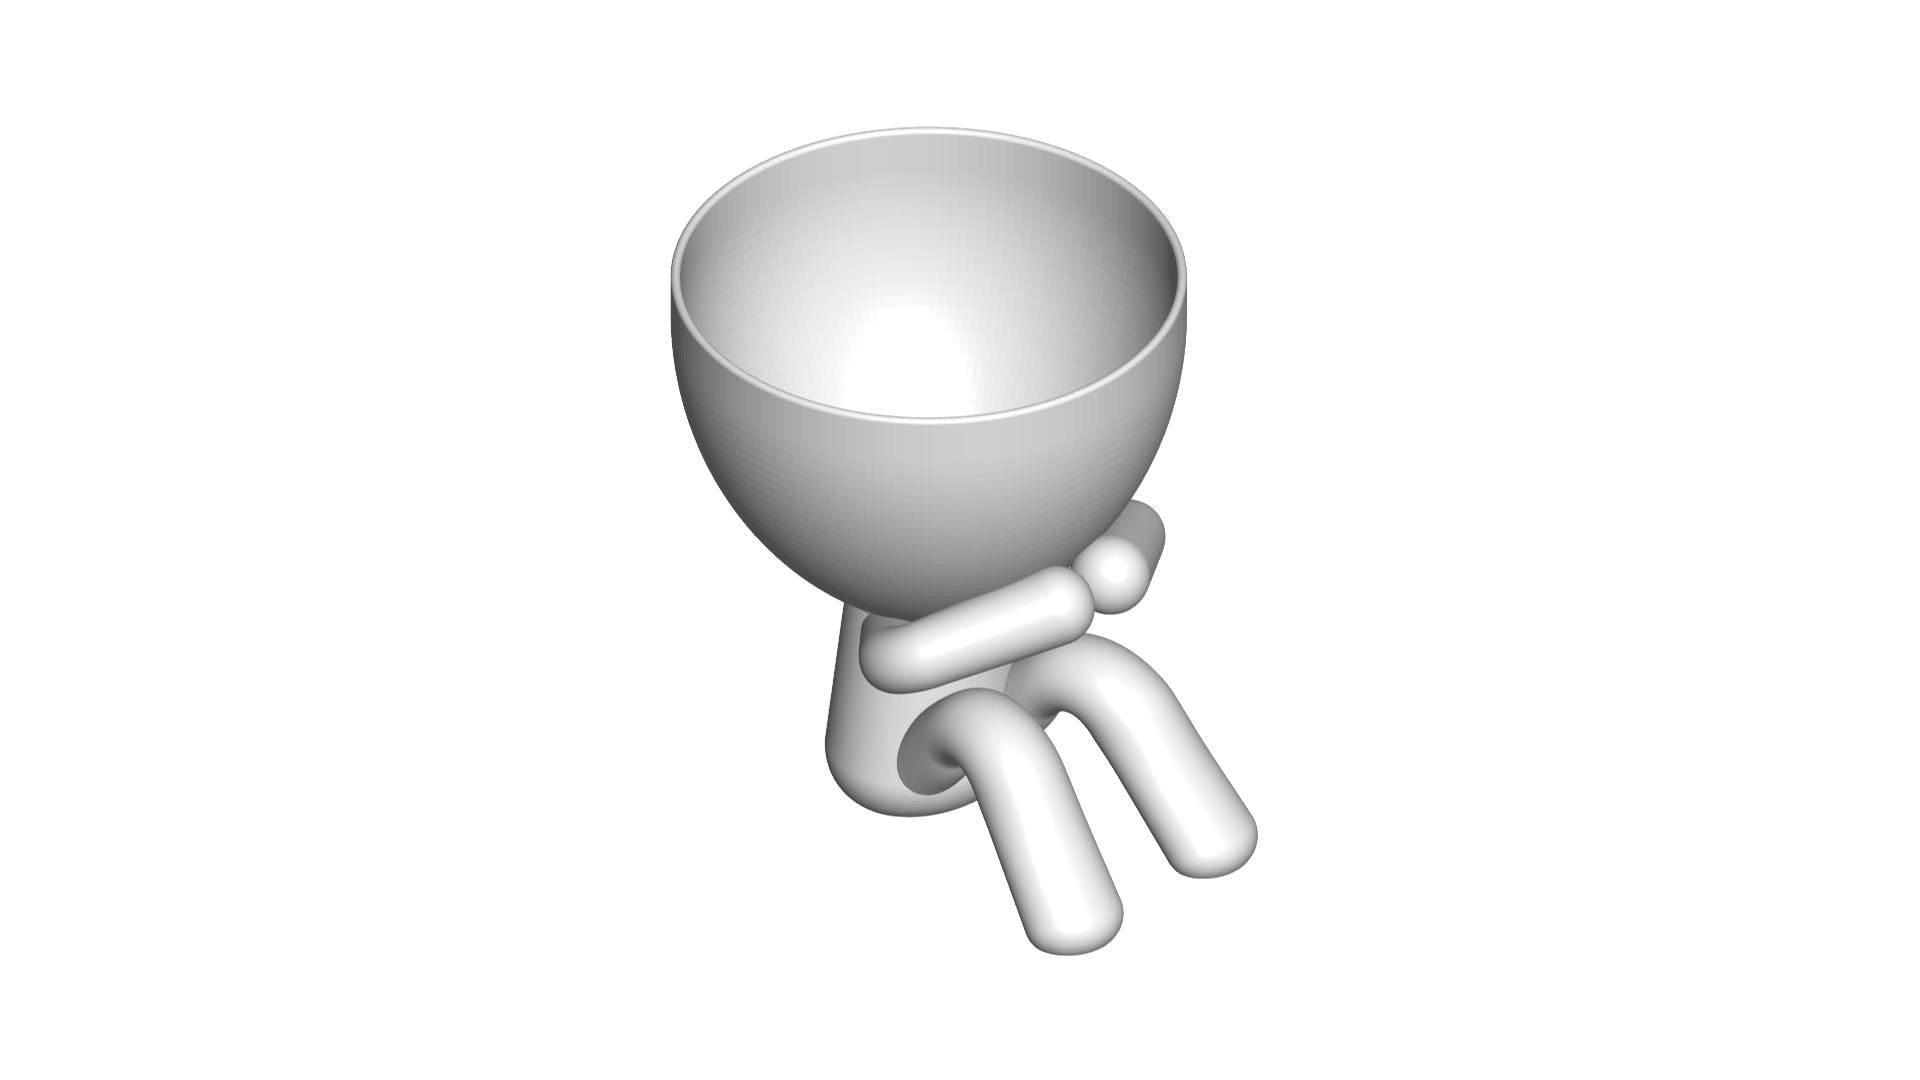 3_blanco_2.png Télécharger fichier STL gratuit Les 3 pots verres Robert Sabios Ne lit pas, n'écoute pas, ne voit pas - Les 3 pots verres Robert Sabios Ne lit pas, n'écoute pas, ne voit pas • Objet à imprimer en 3D, CREATIONSISHI